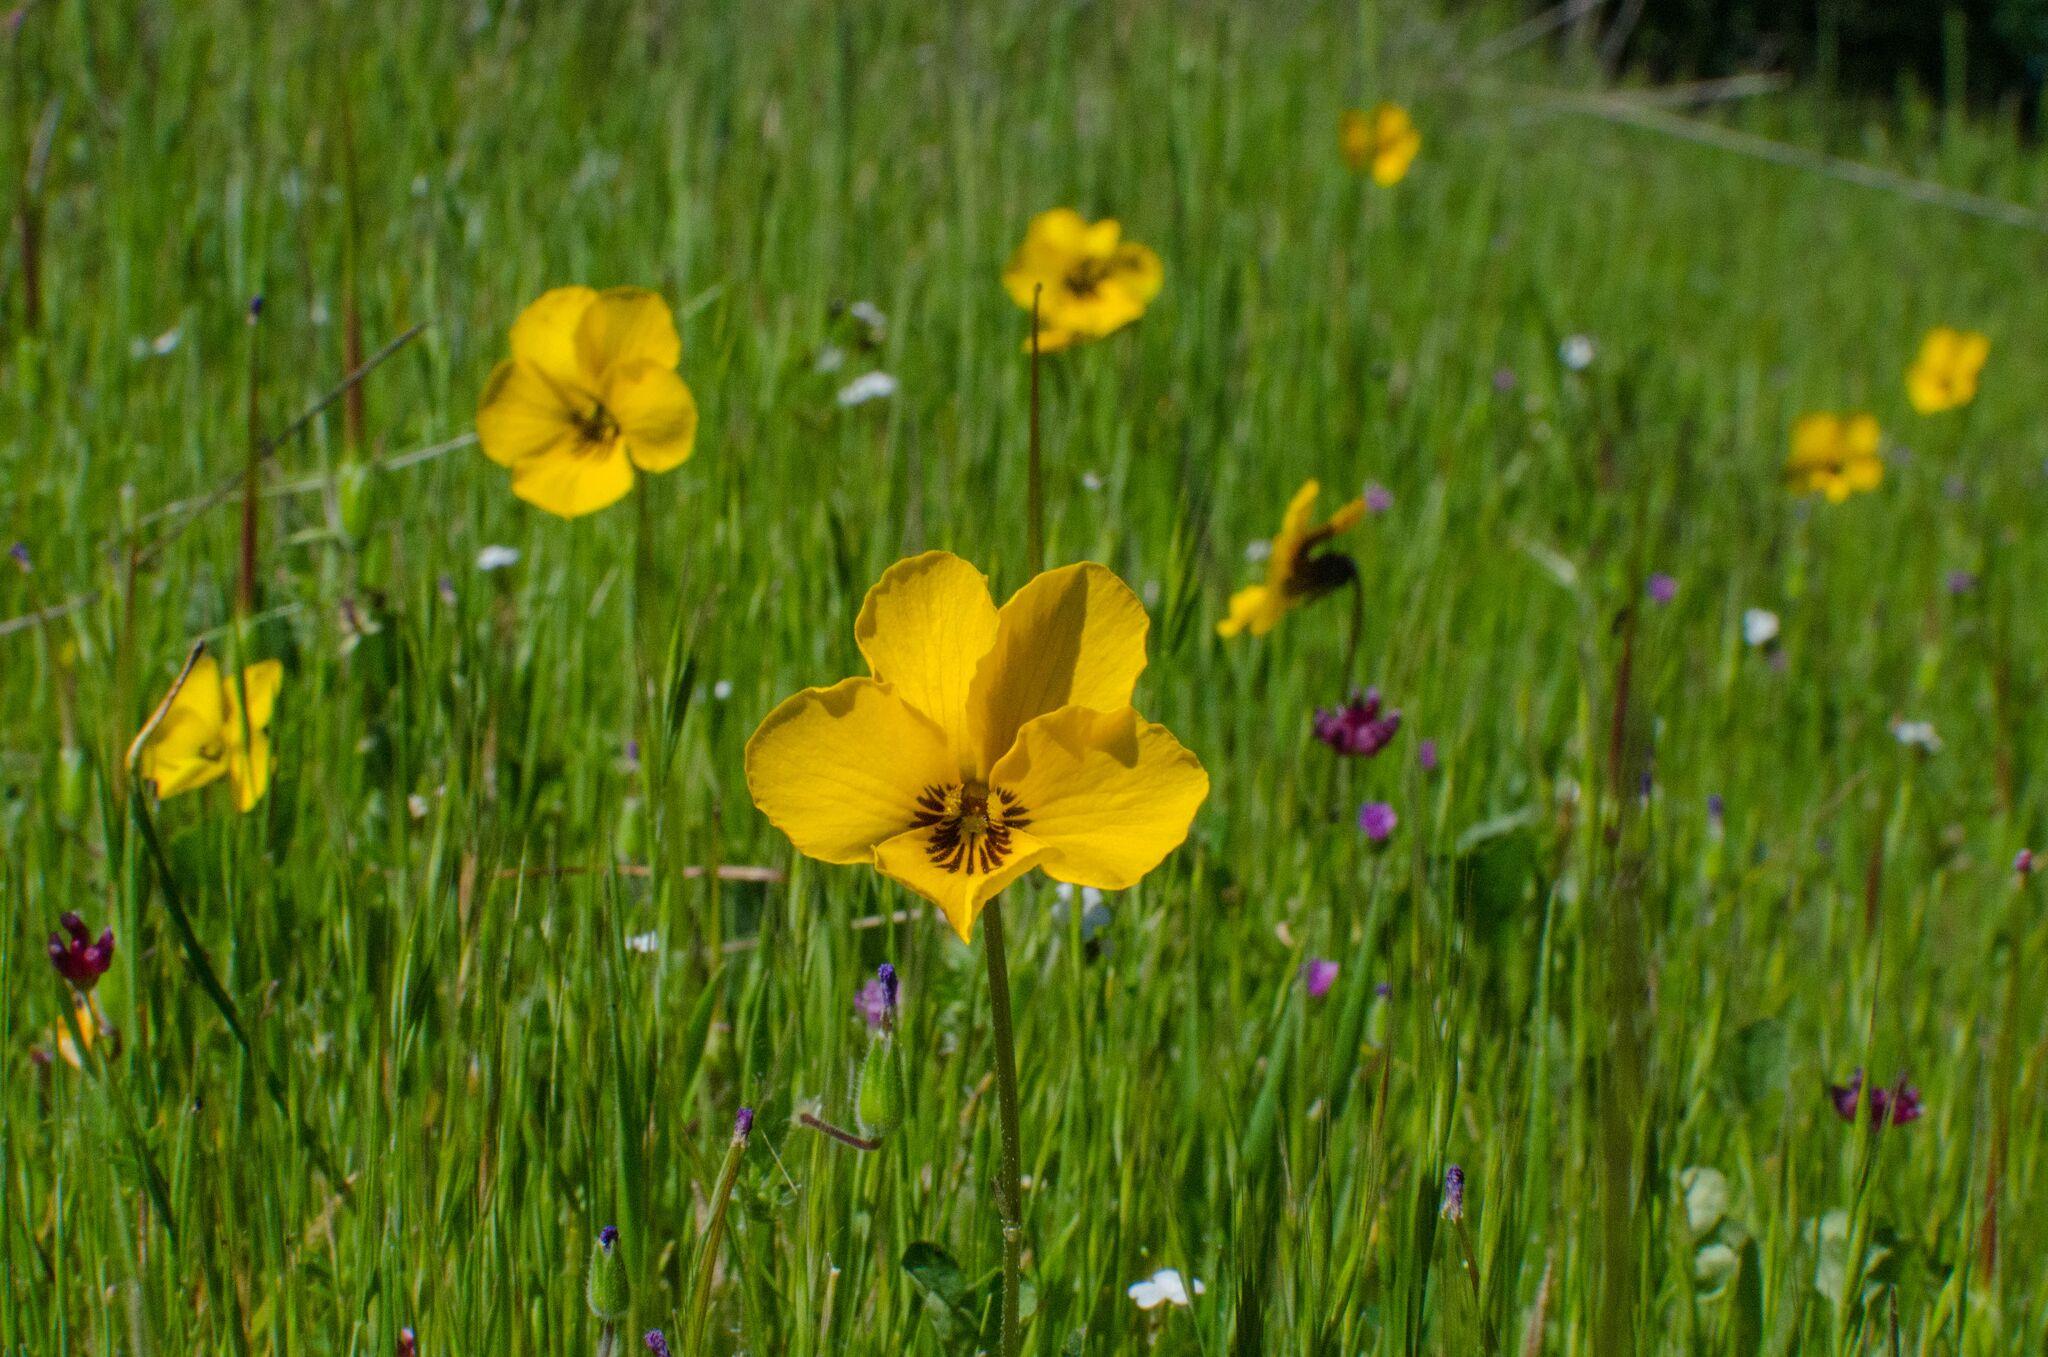 Mayfair-Trail_Rancho-Canada-del-Oro-Open-Space-Preserve_Cassie-Kifer-33